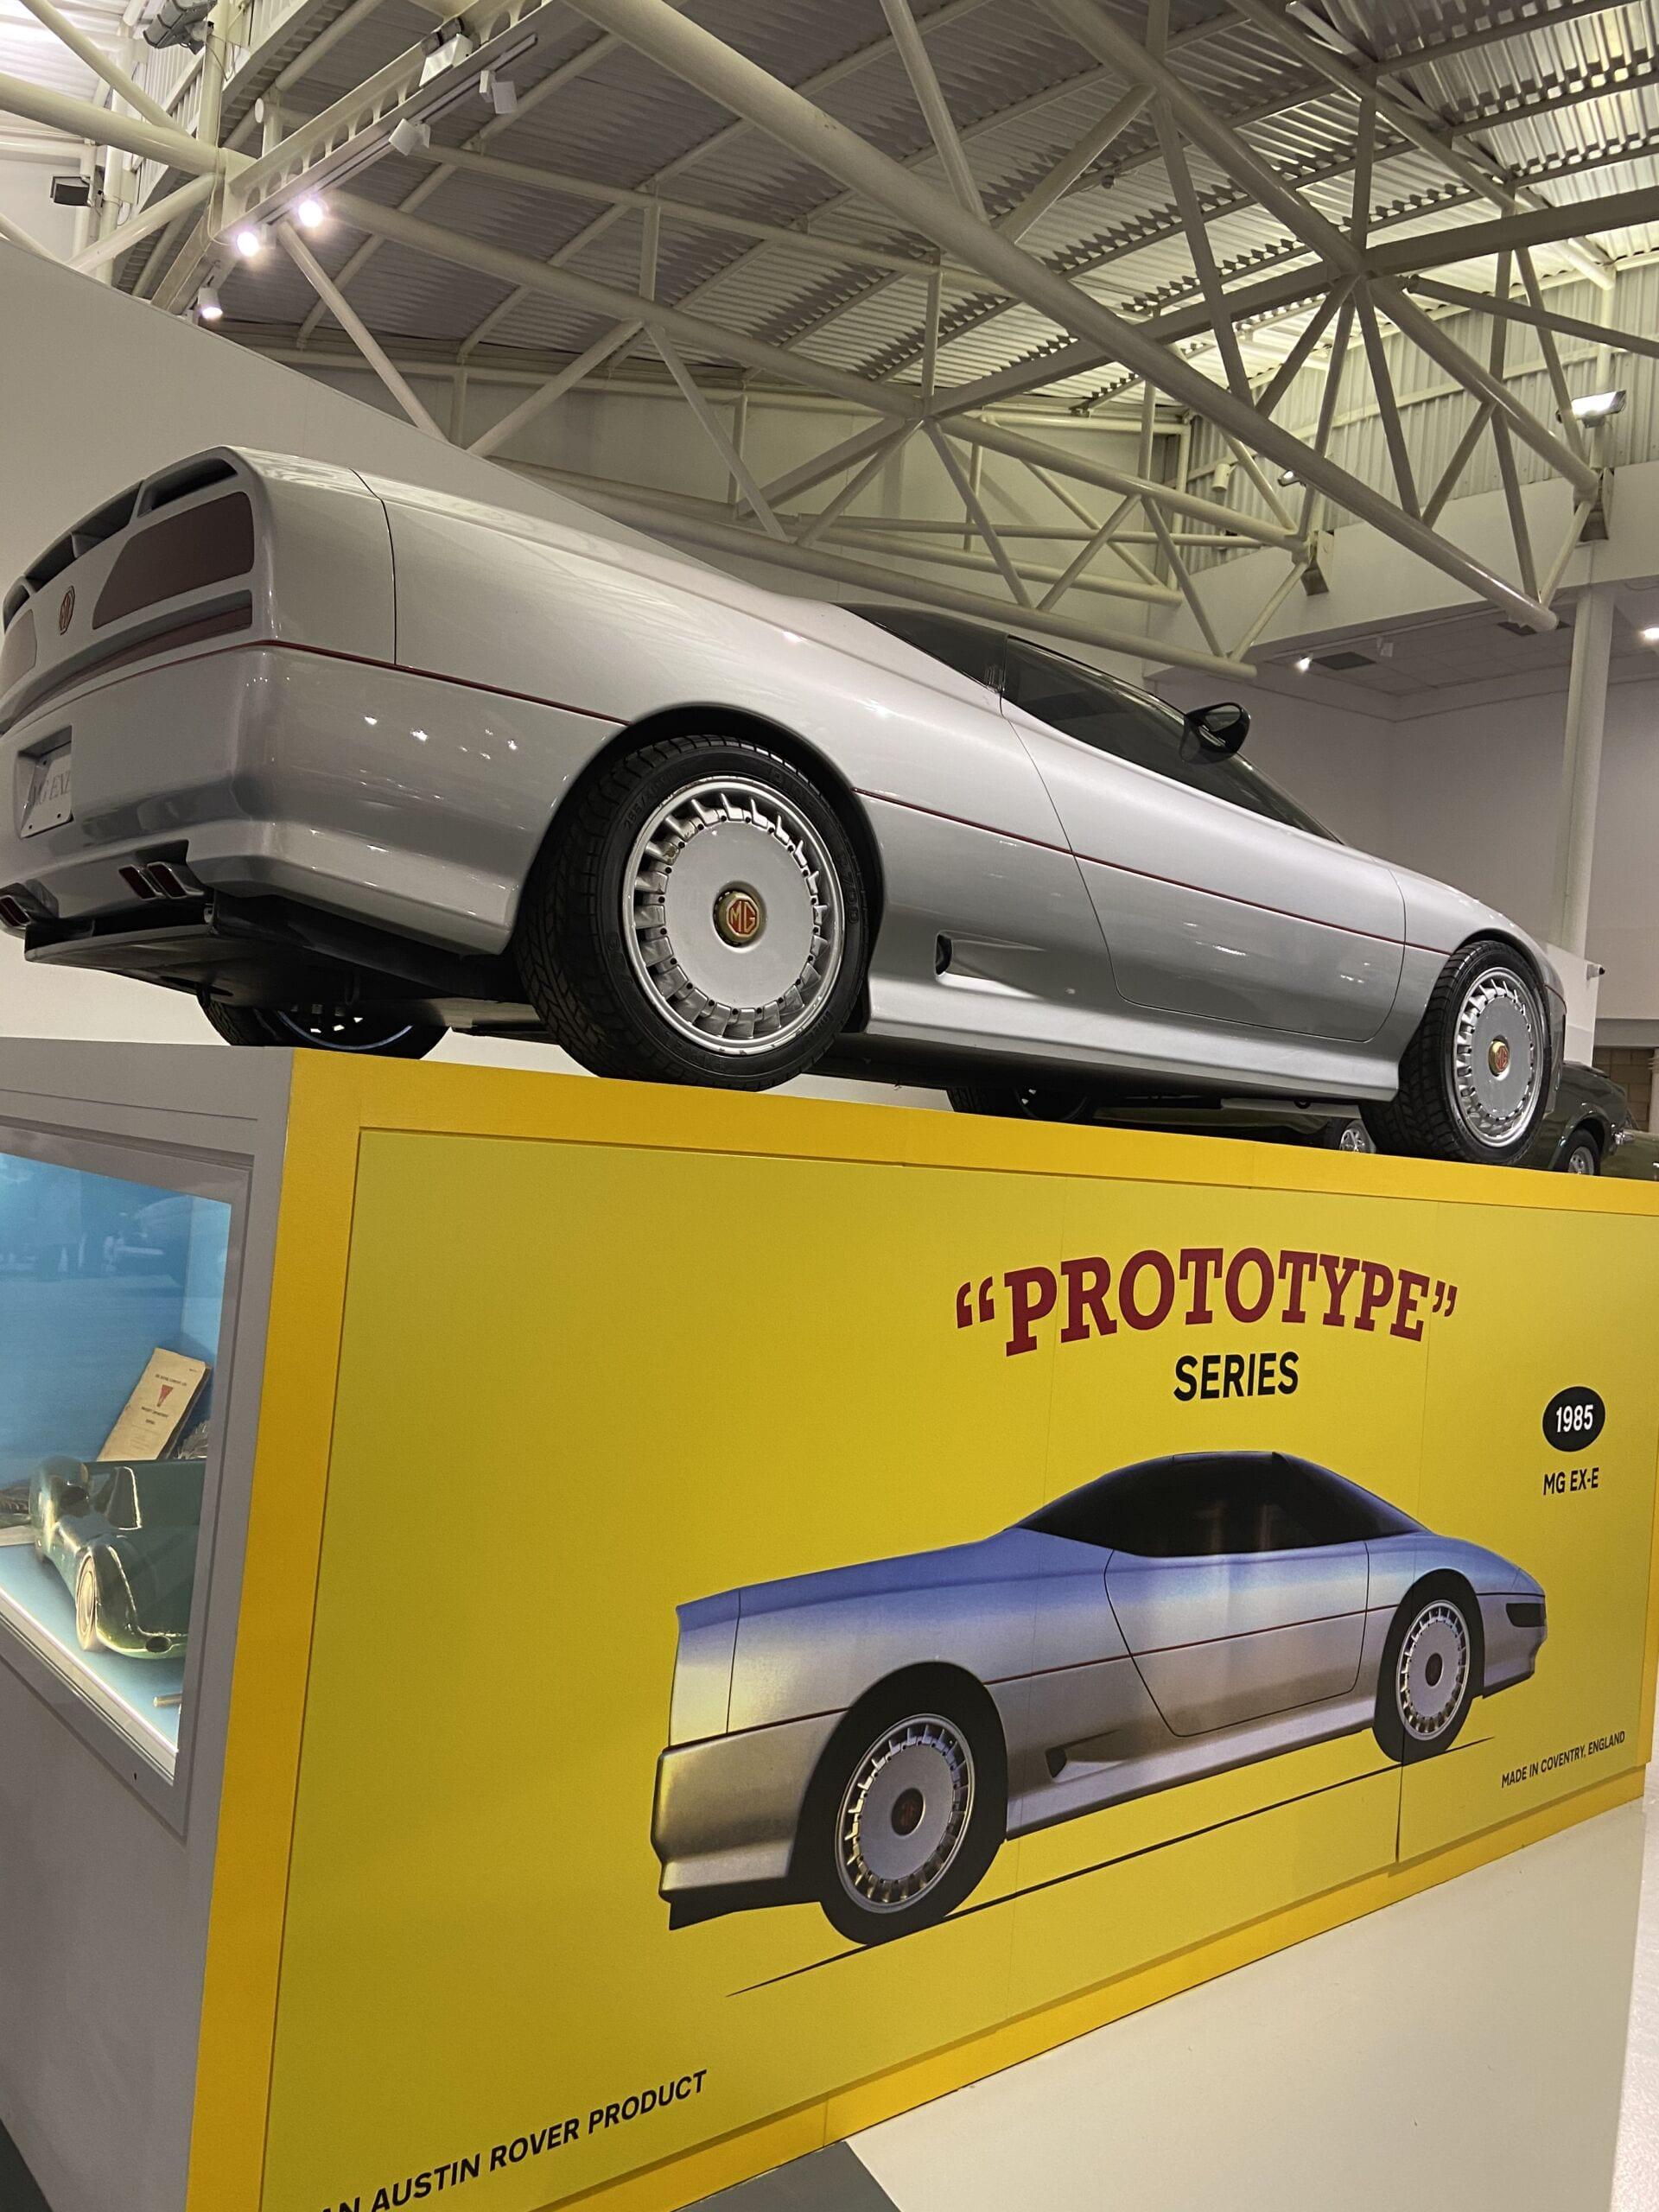 MG Prototype